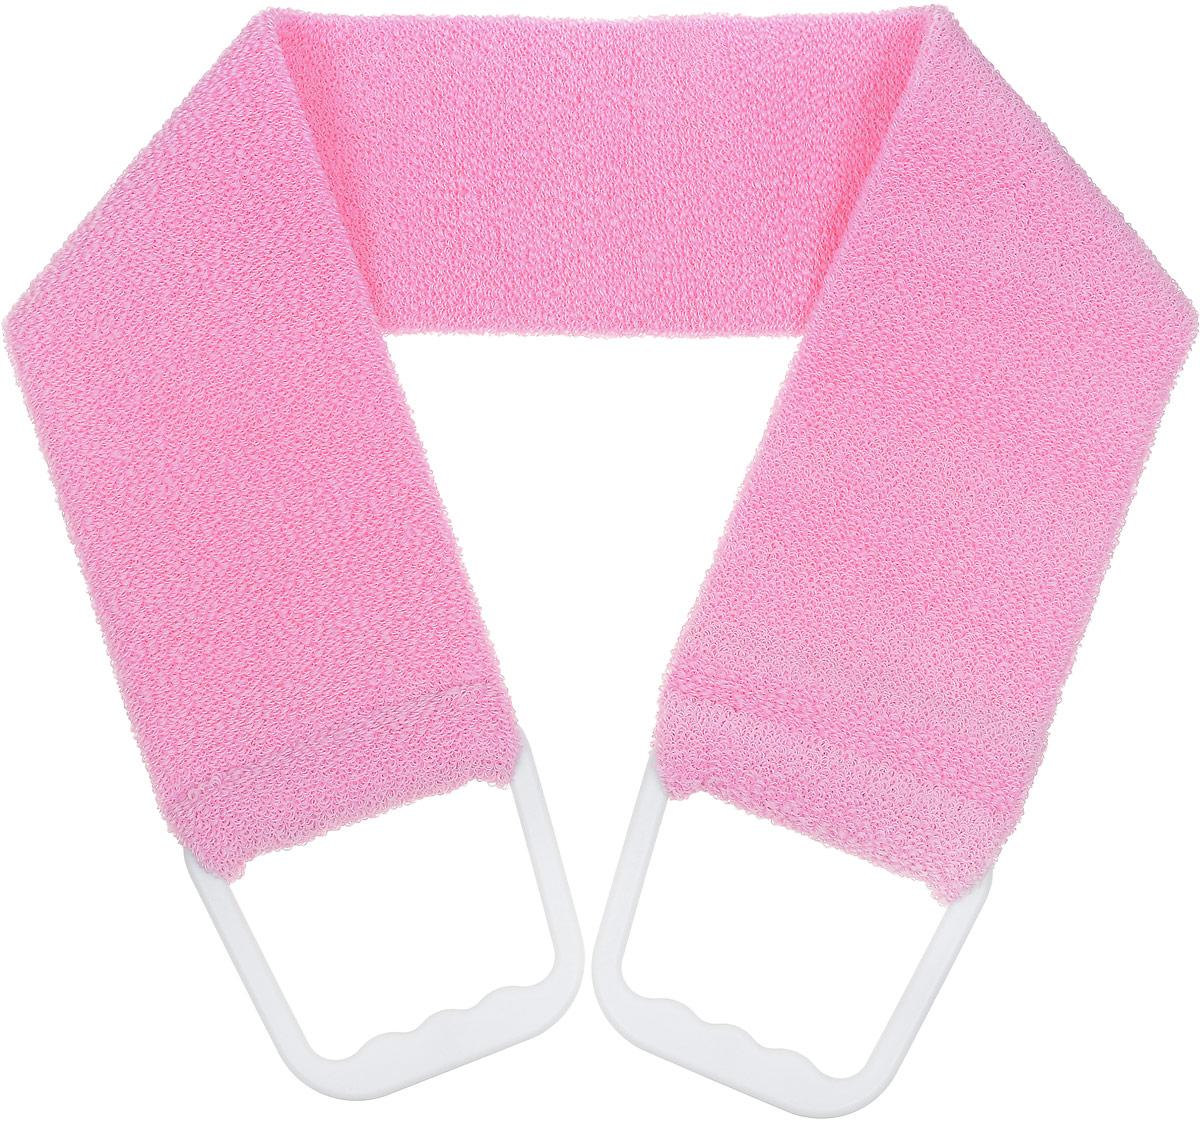 Riffi Мочалка-пояс мягкая, цвет: розовый. 920 riffi повязка для волос цвет коралловый